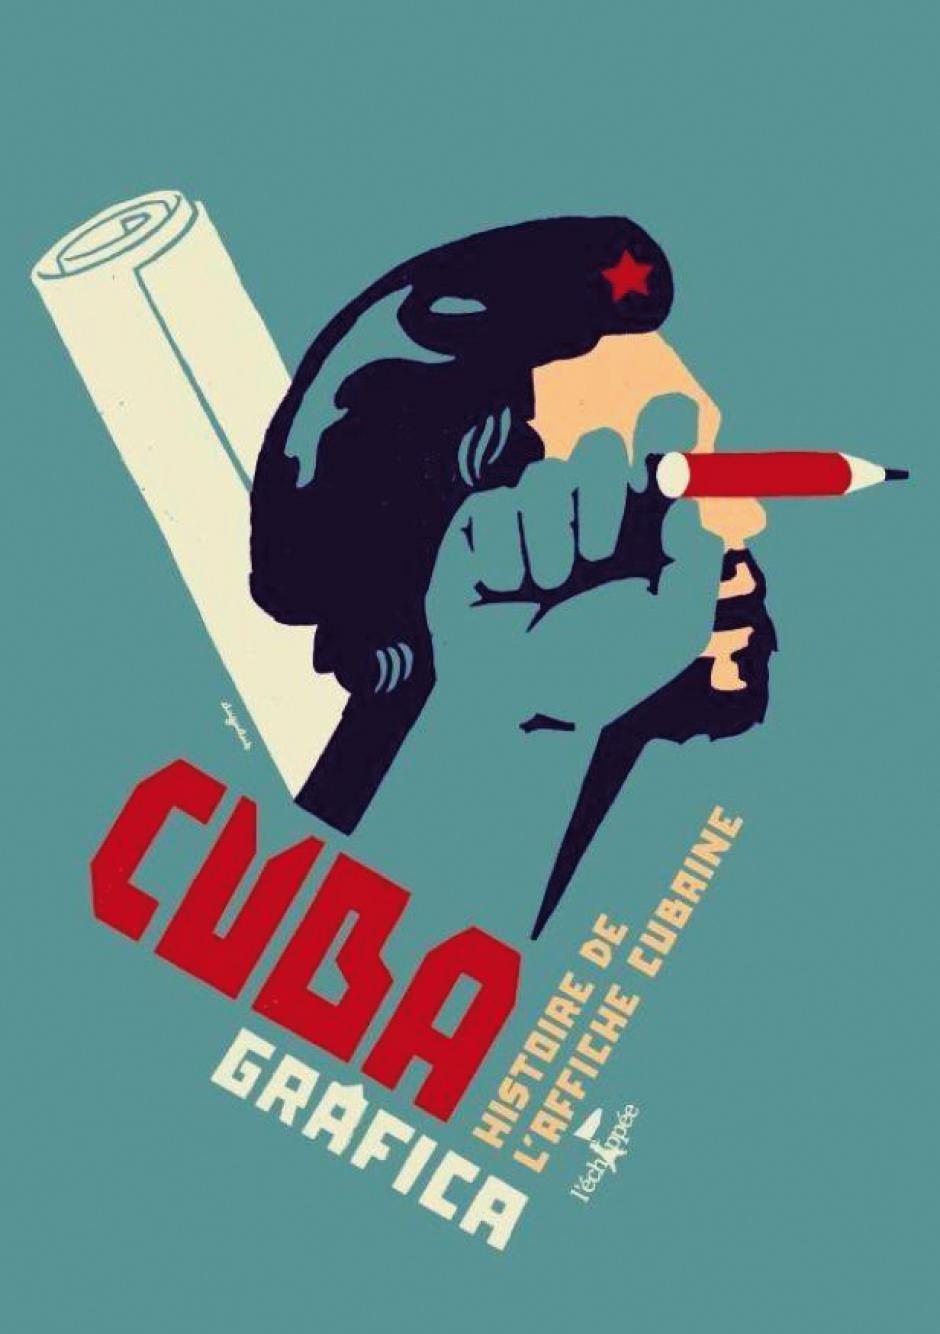 Cuba Grafica, Régis Léger